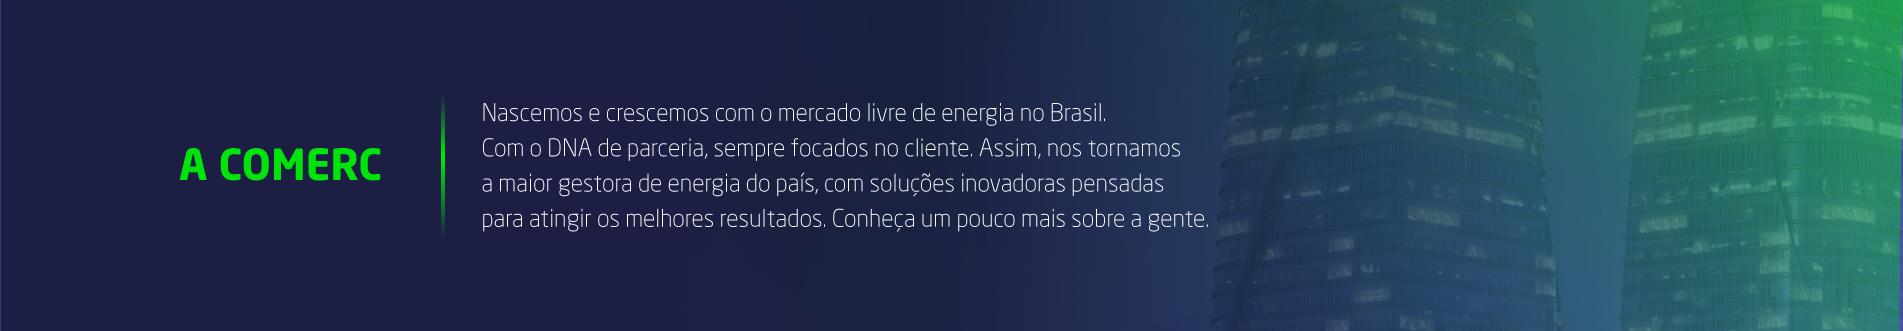 A Comerc | Nascemos e crescemos com o mercado livre de energia no Brasil. Com o DNA de parceria, sempre focados no cliente. Assim, nos tornamos a maior gestora de energia do país, com soluções inovadoras pensadas para atingir os melhores resultados. Conheça um pouco mais sobre a gente.